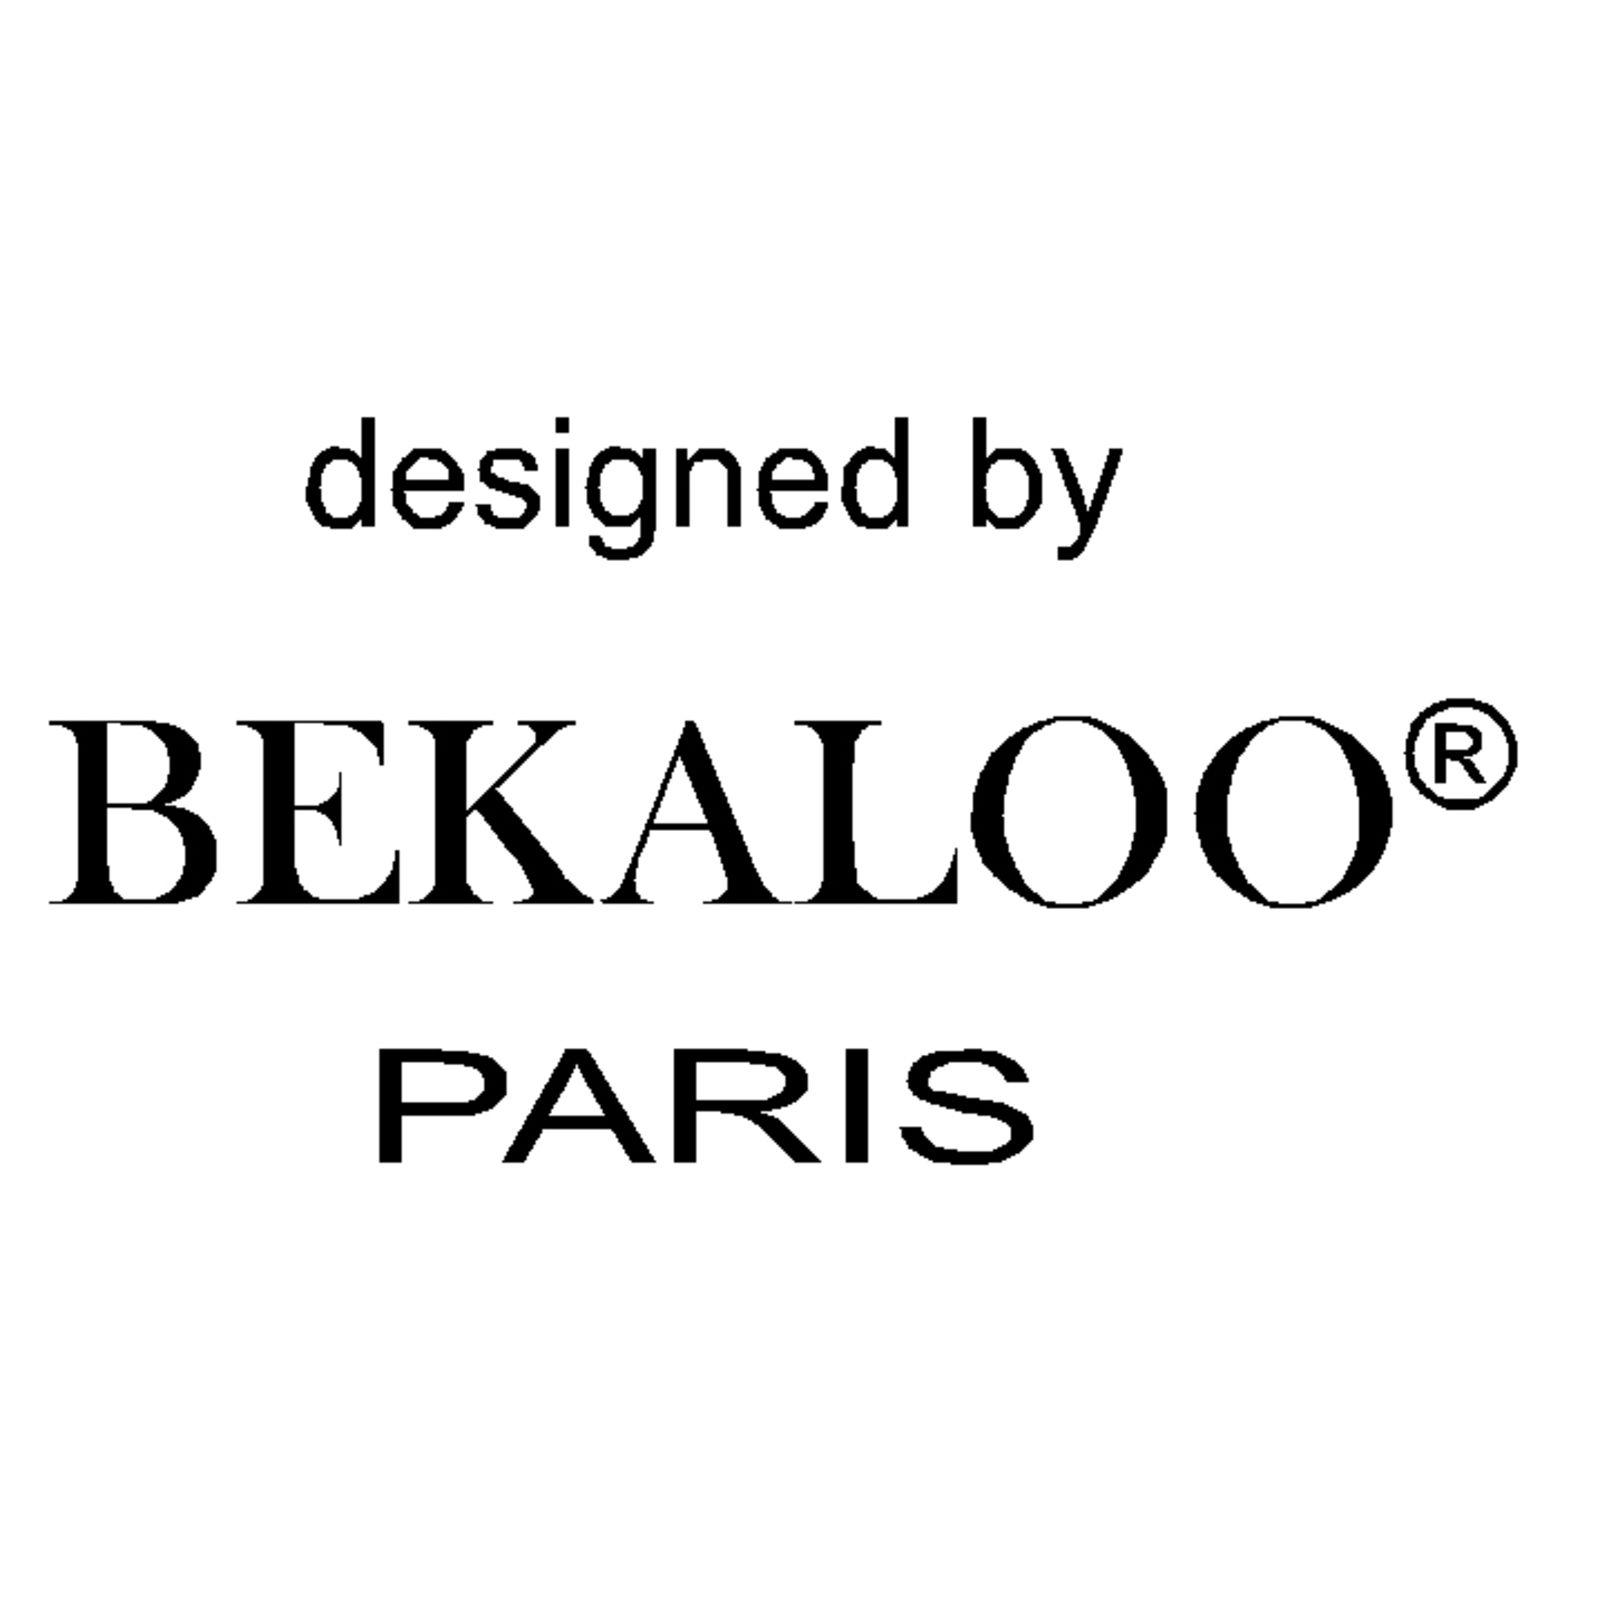 BEKALOO